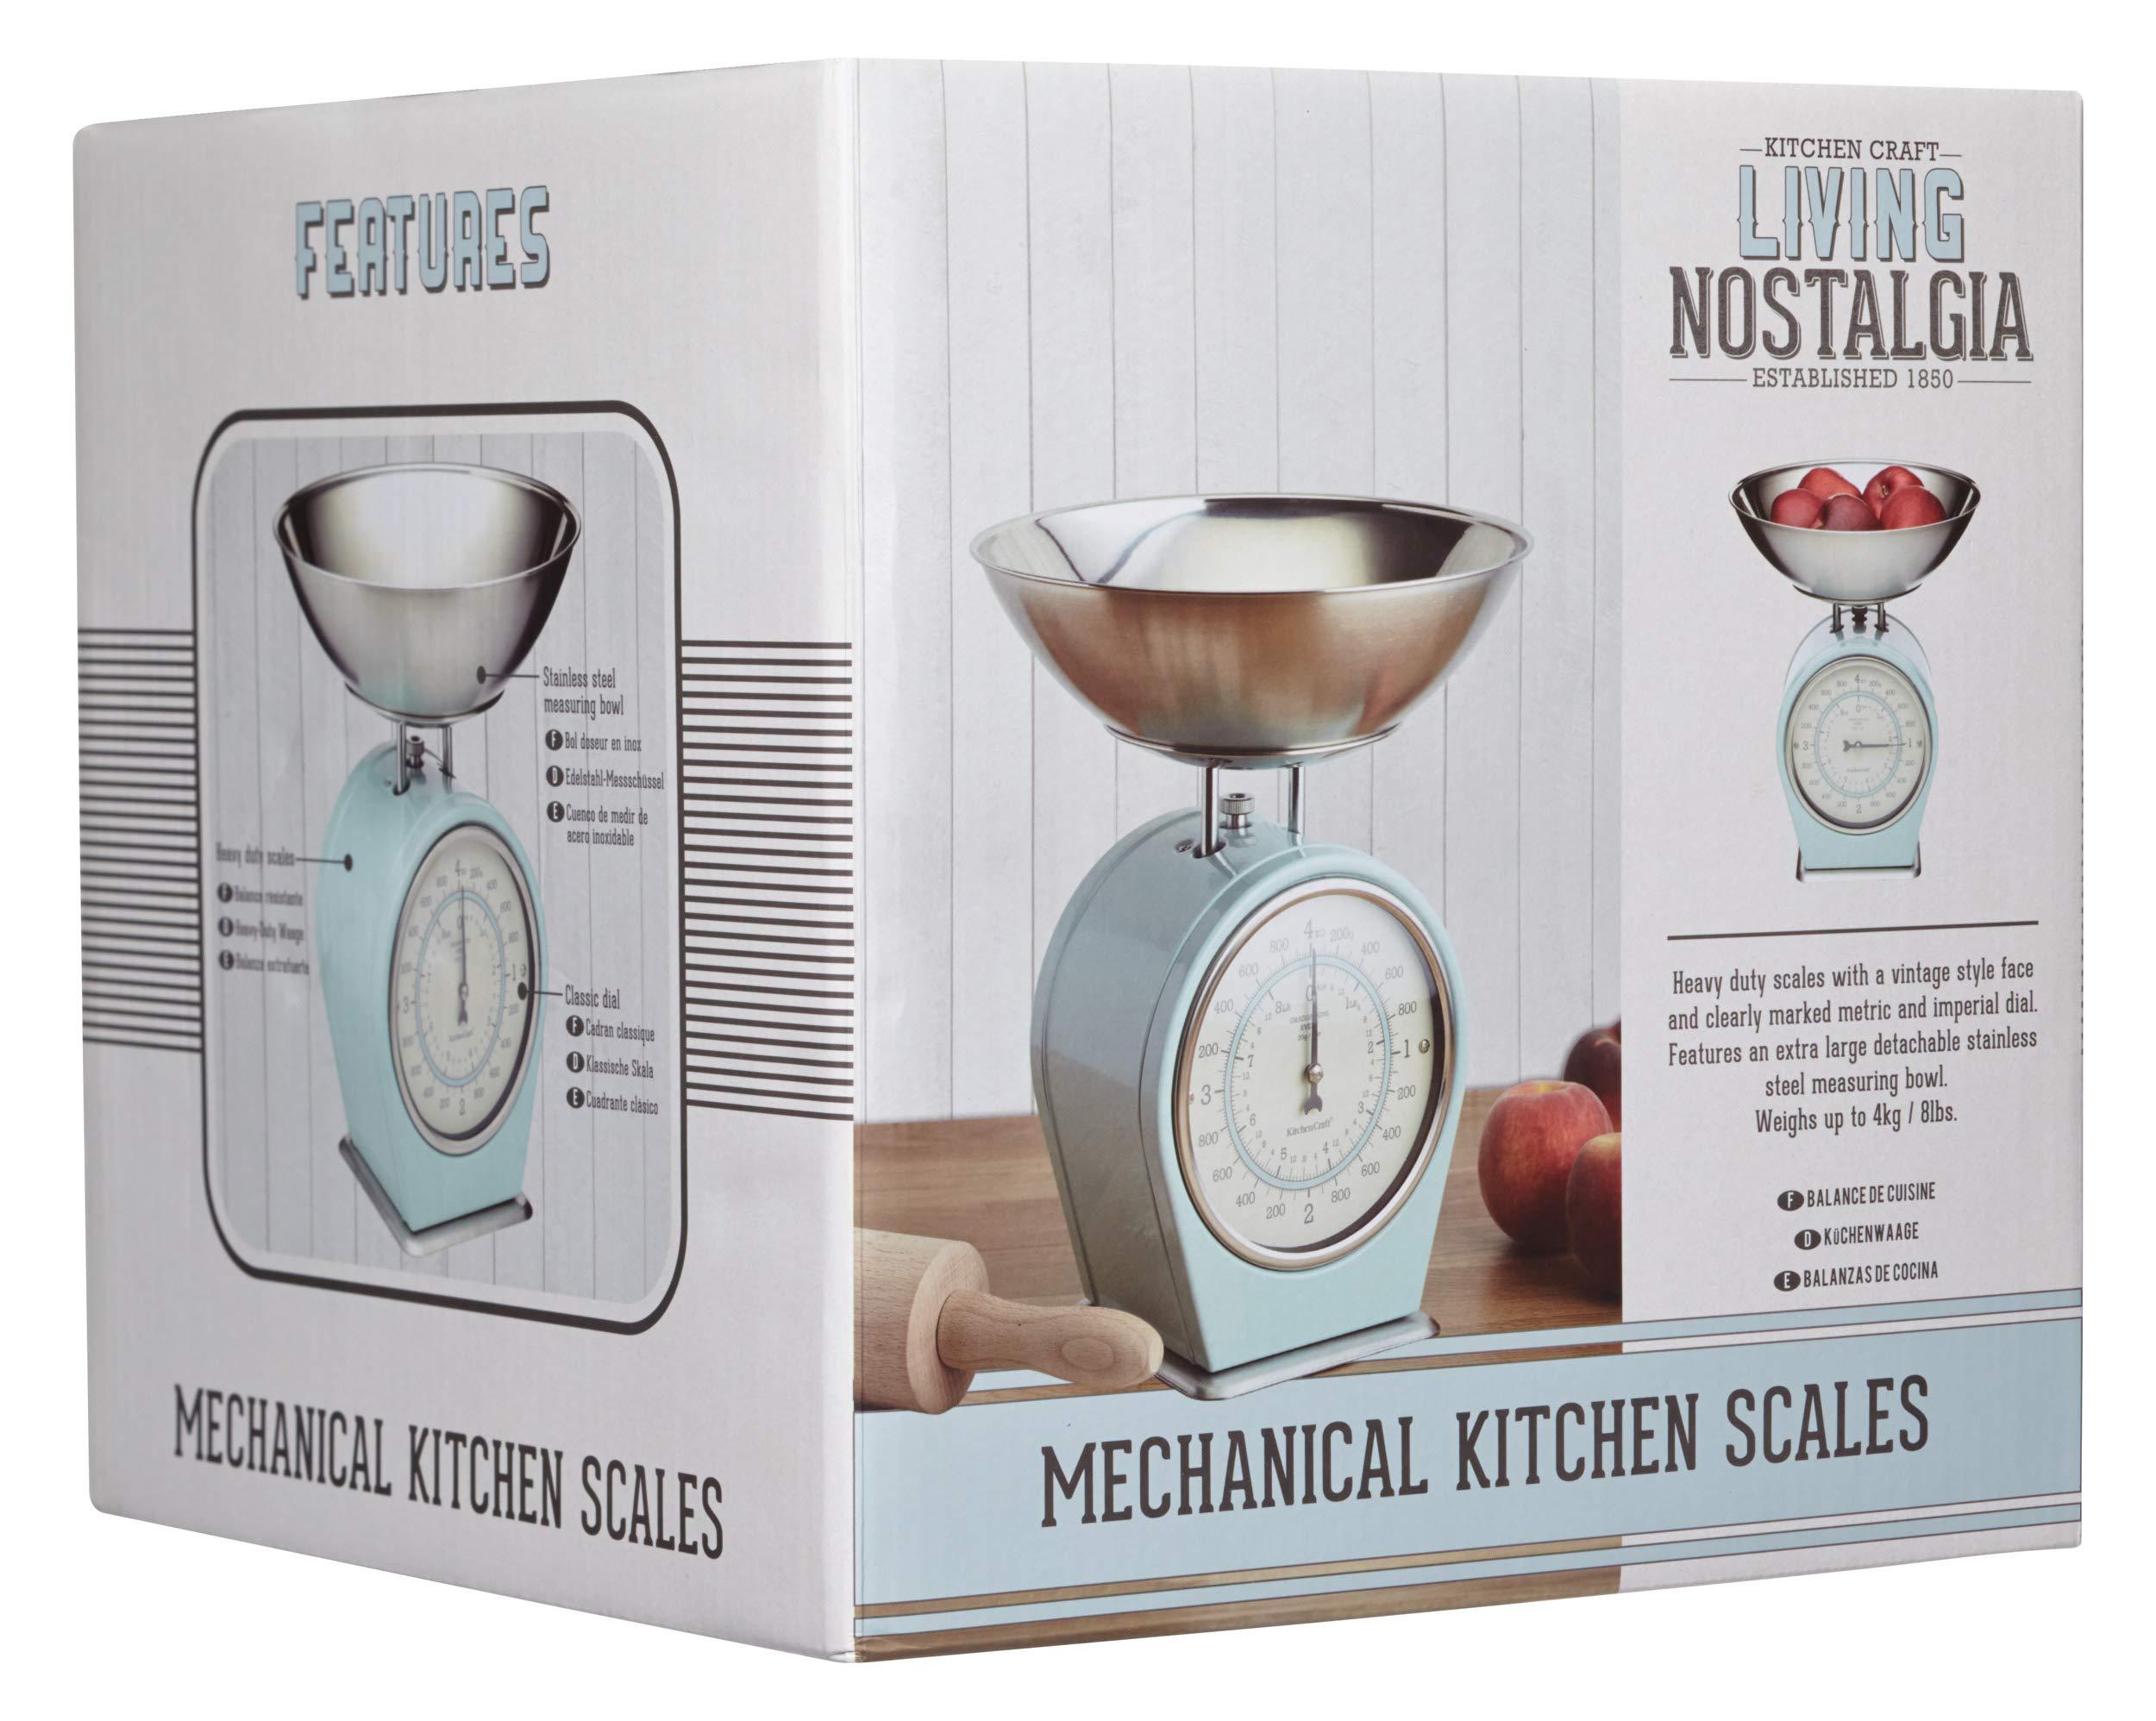 Kitchen Craft Vivir Nostalgia 1-Piece Living Nostalgia Mecánica balanza de cocina, Azul: Amazon.es